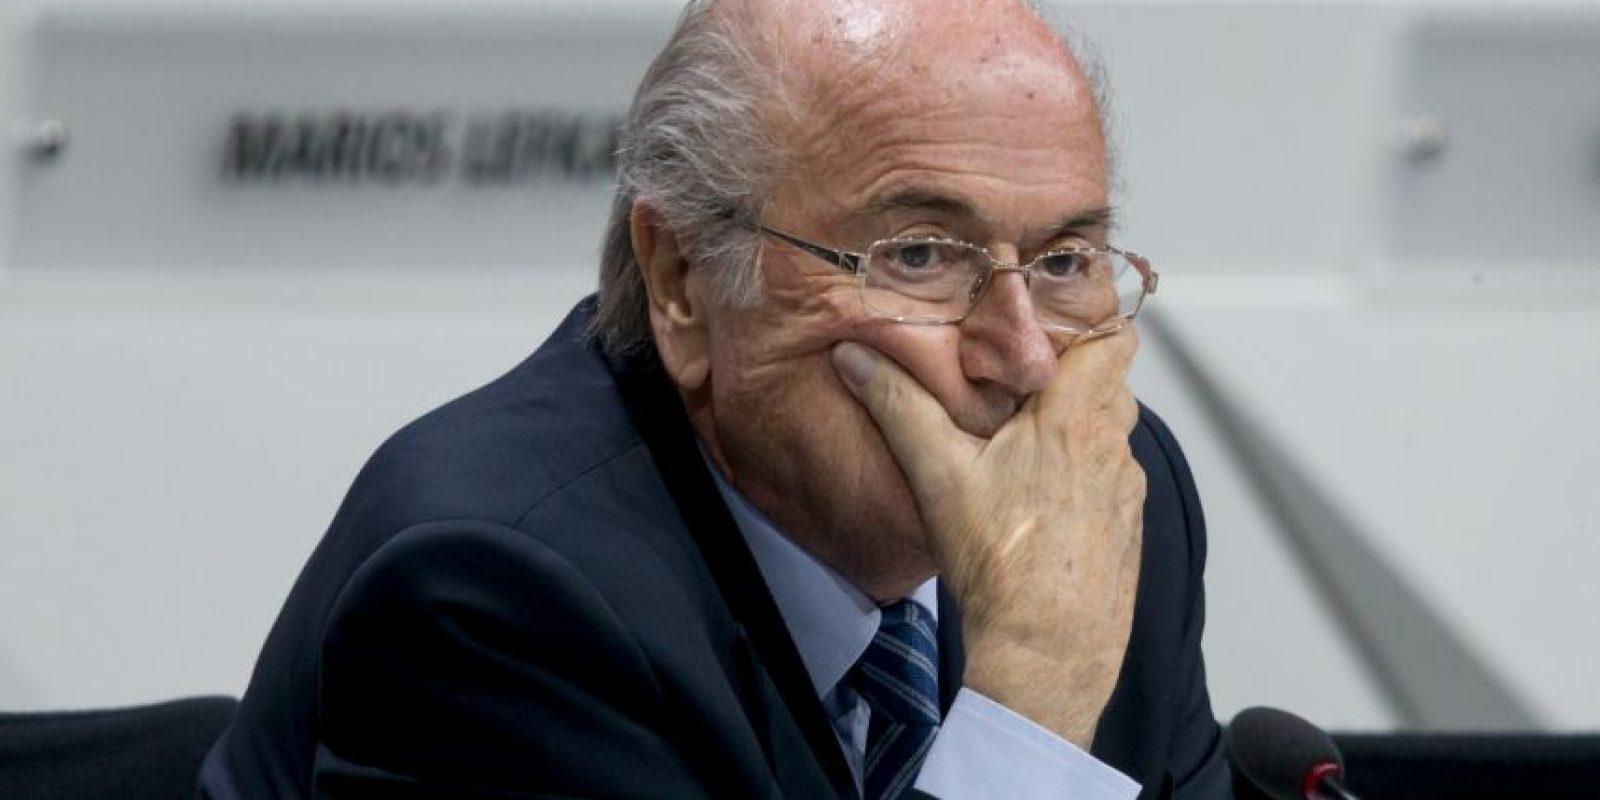 Votan 209 asociaciones, divididas en 6 confederaciones. Blatter cuenta con el apoyo de Asia y África. Norteamérica y Sudamérica estaban con el timonel, pero tras el escándalo por corrupción que estalló en los últimos días, ese soporte quedó en duda. Foto:Getty Images